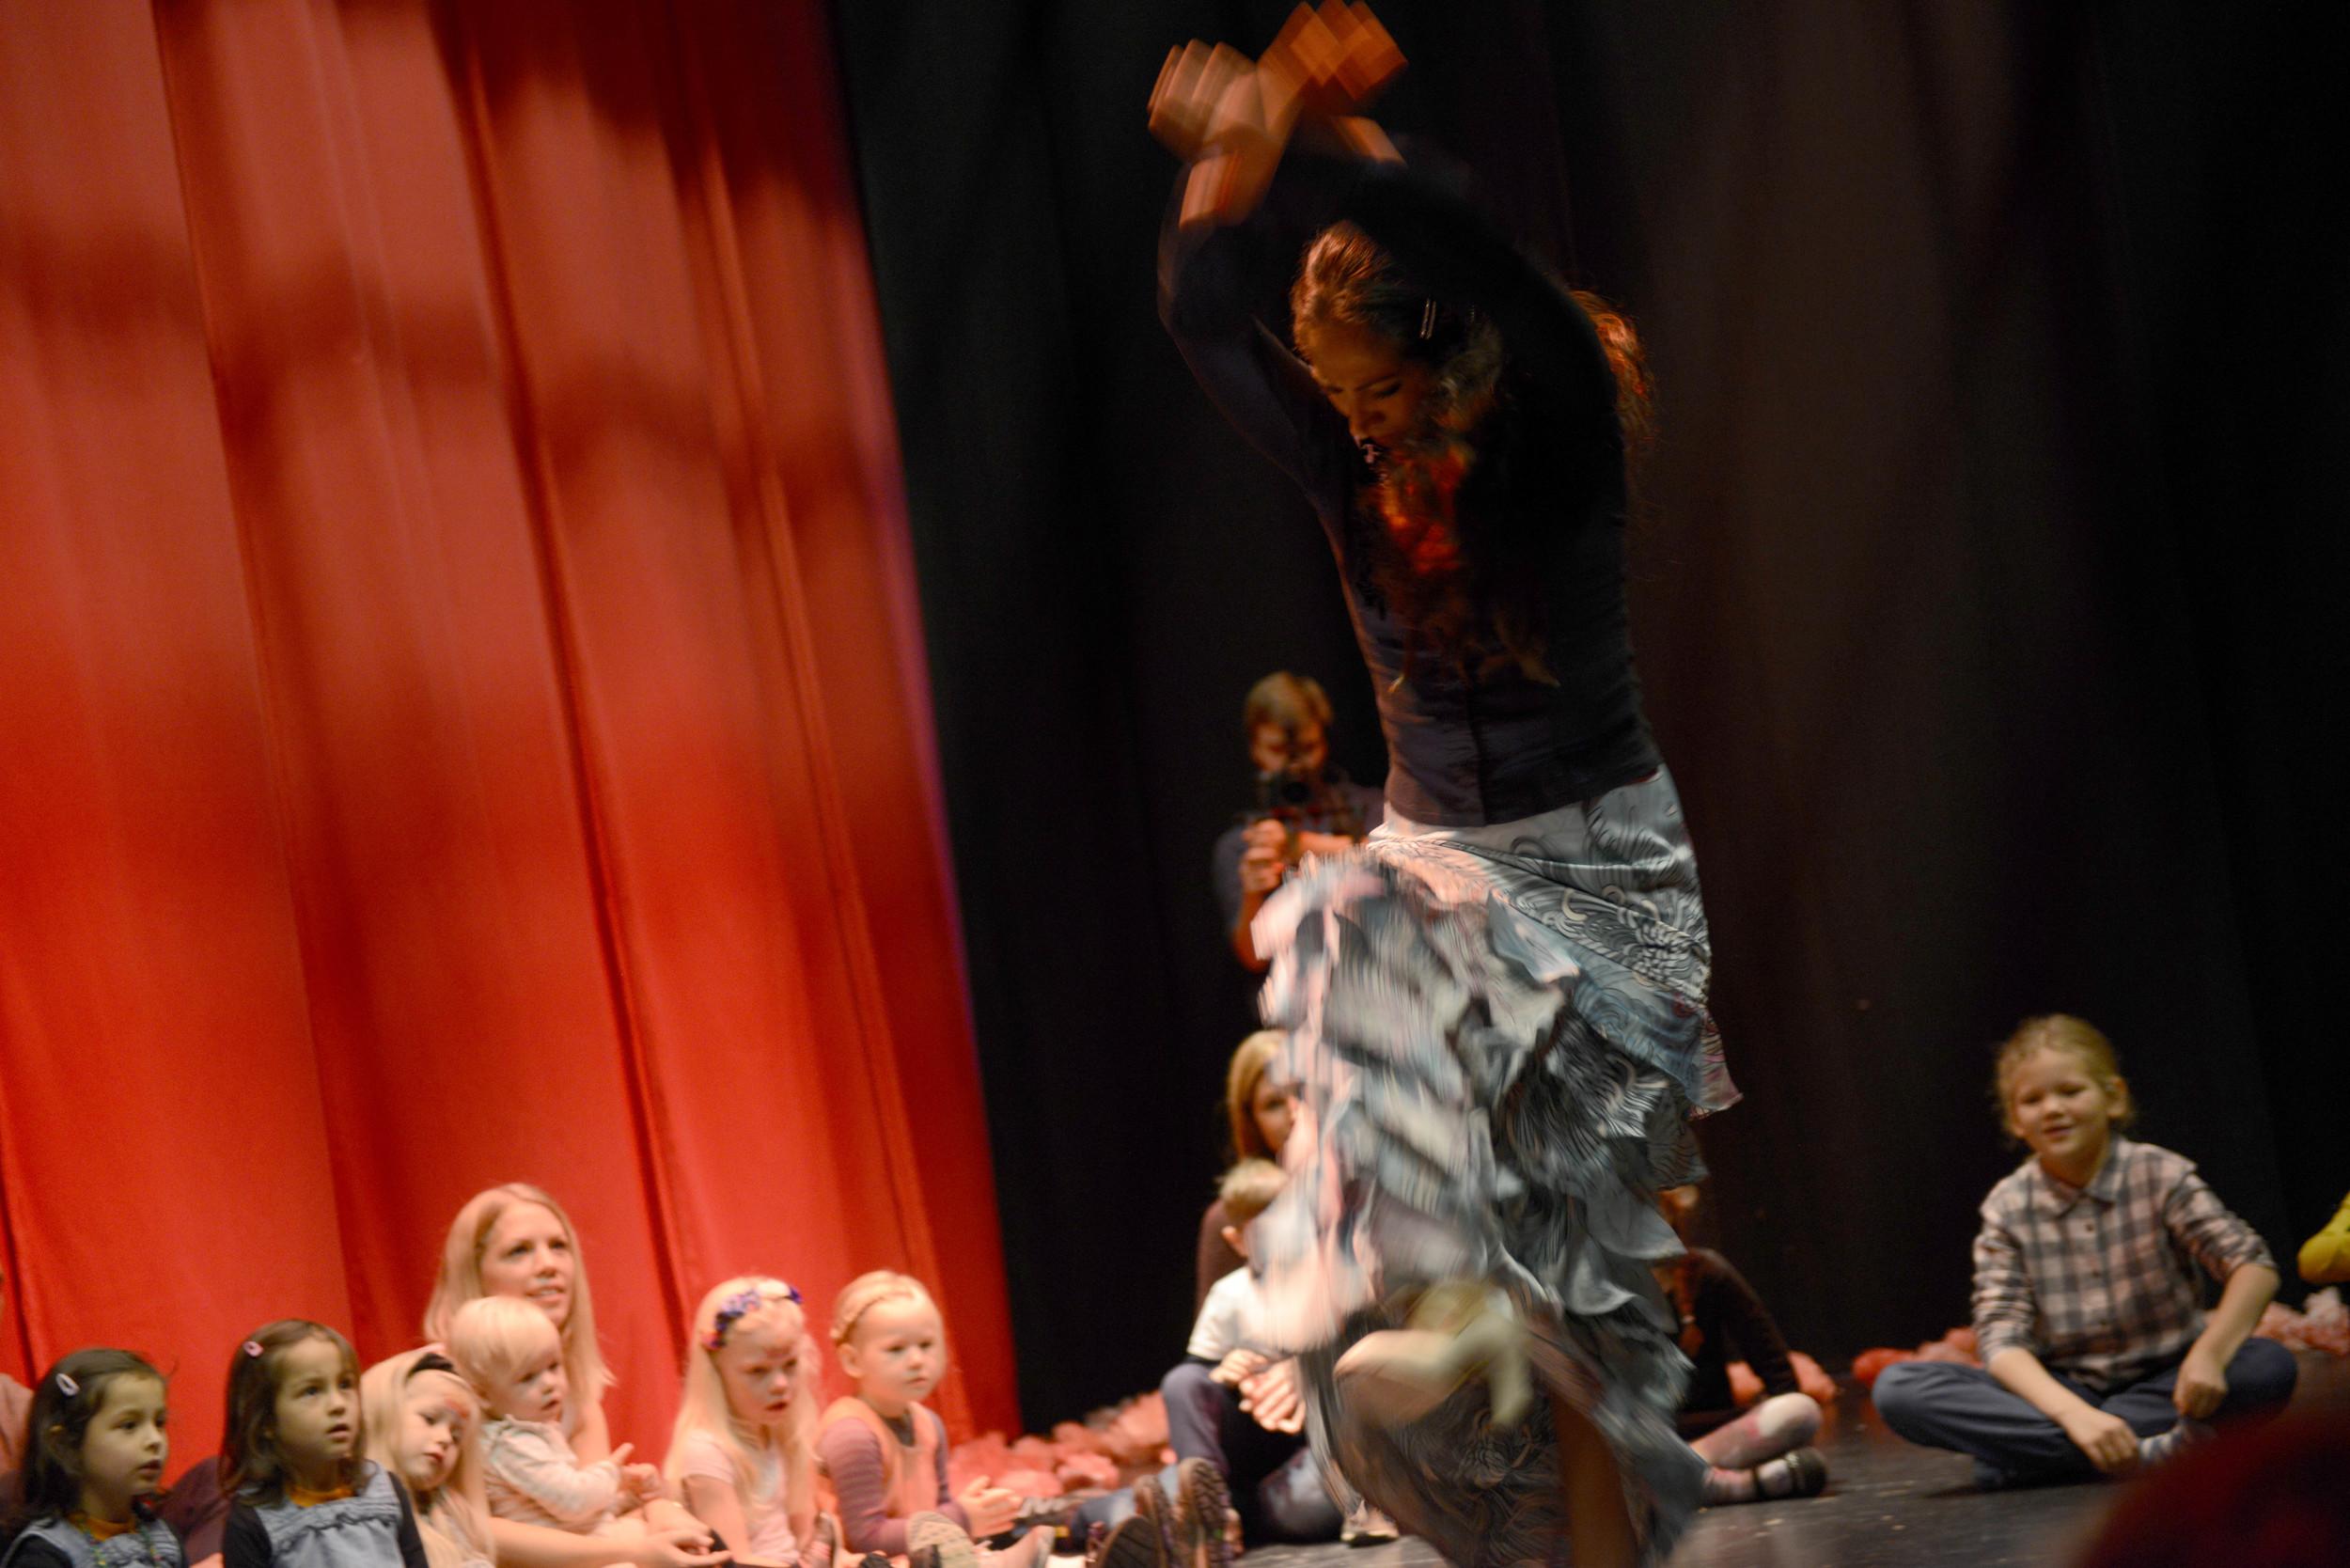 Flamenco_ARU0483 (11).JPG